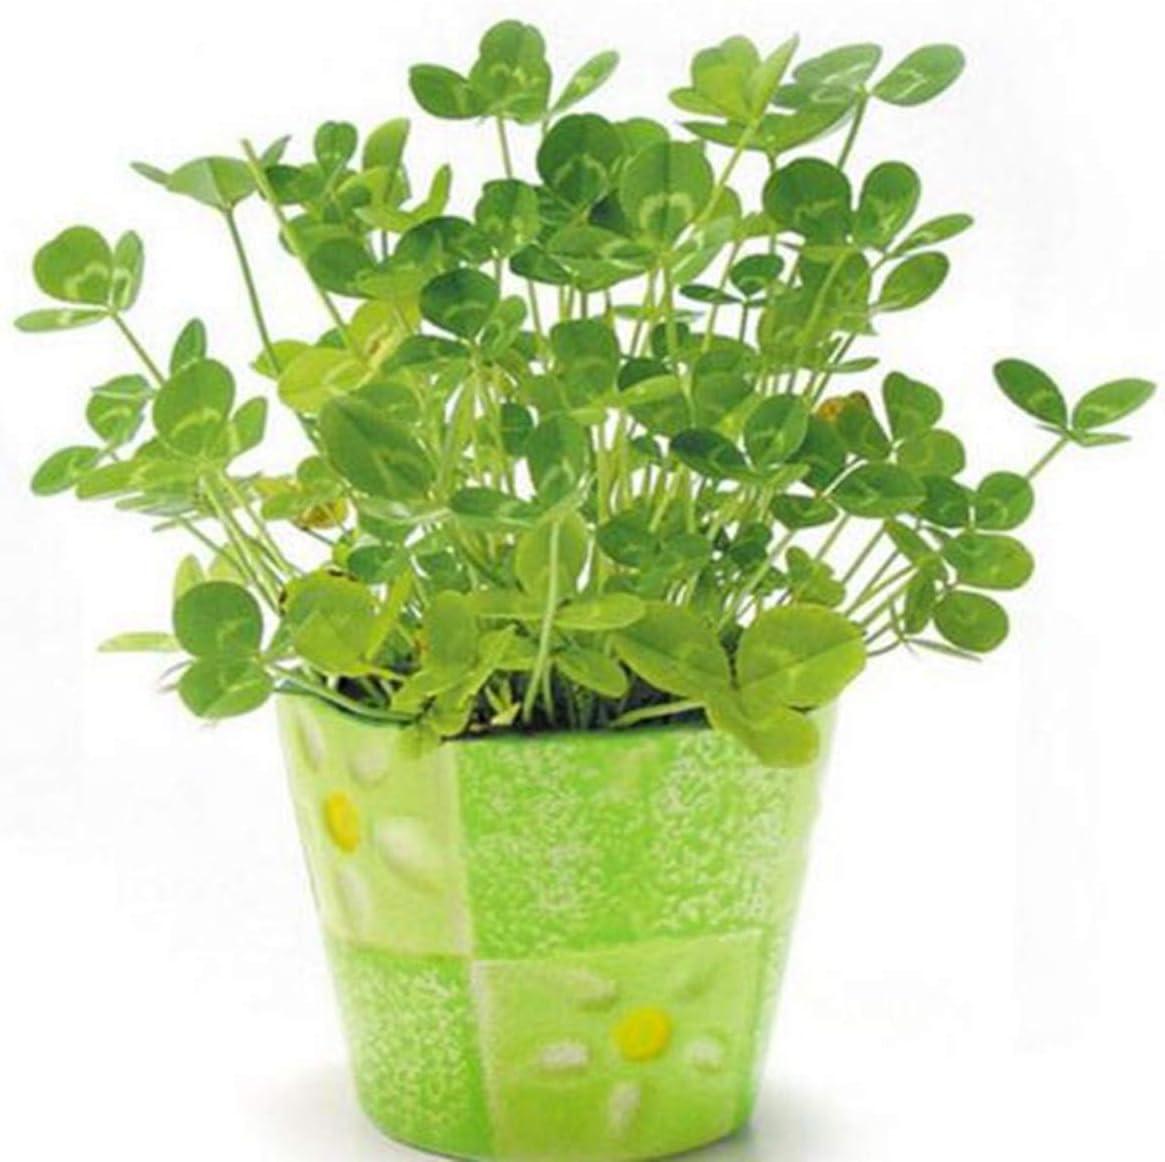 100 Semillas/pack Semillas de trébol de cuatro hojas Balcón Decoración de jardín en macetas Semillas de flores de bonsái